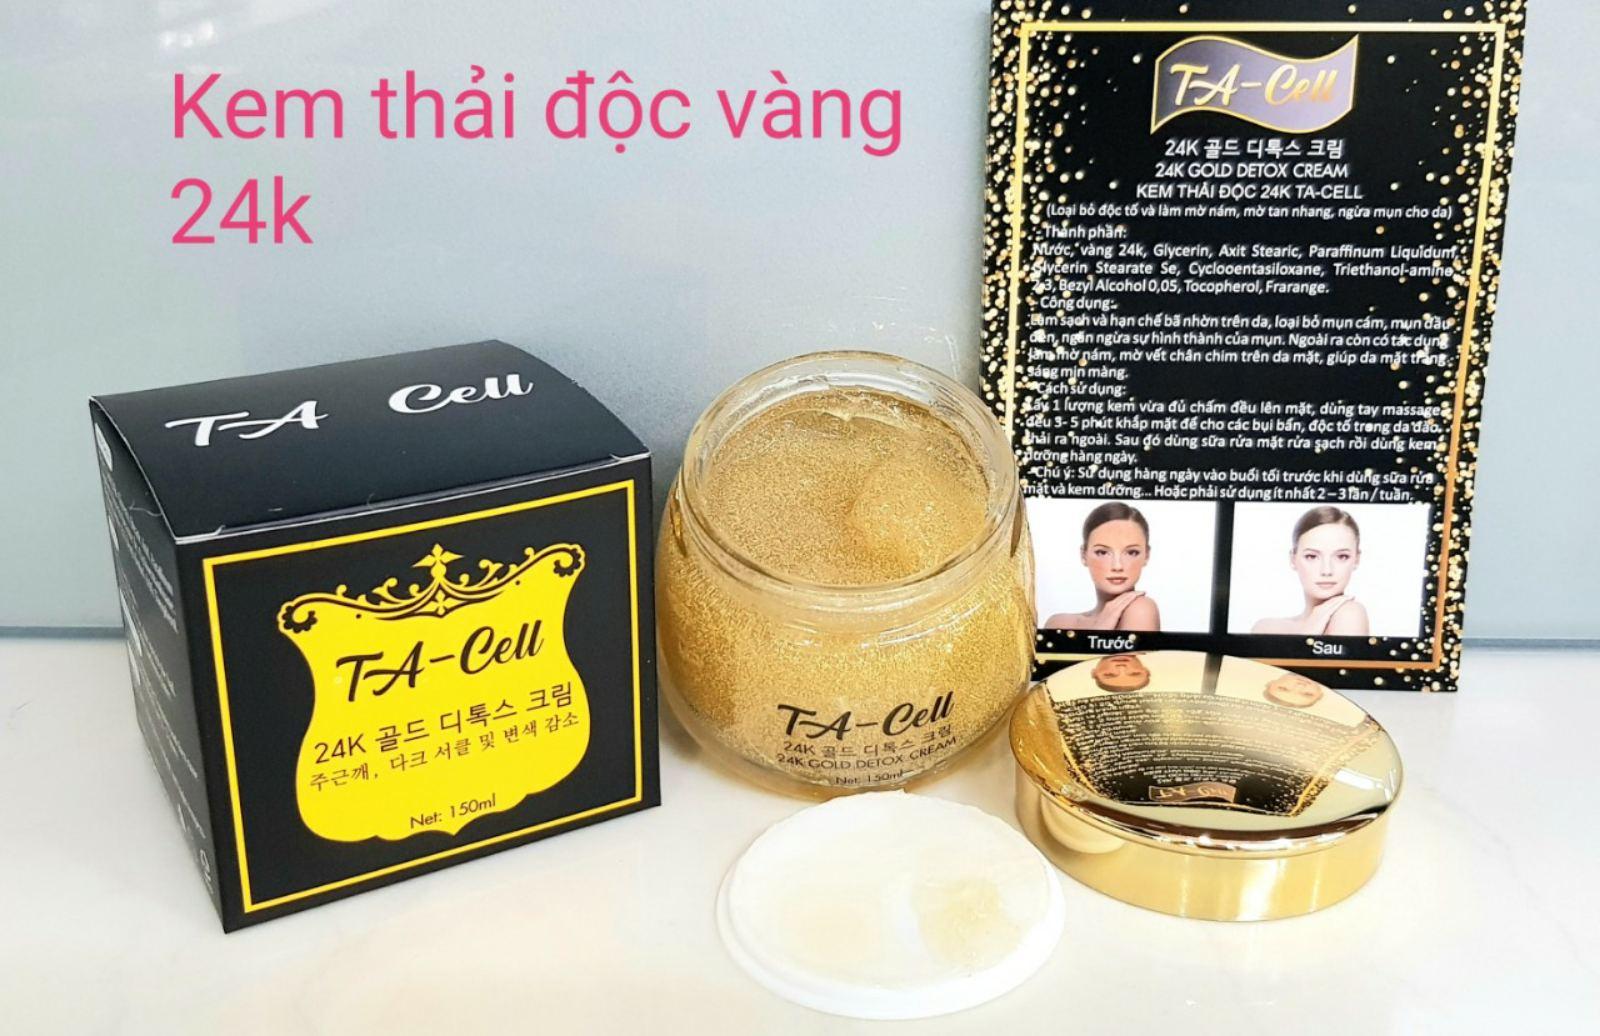 Kem thải độc vàng 24k, loại bỏ độc tố, mờ nám, tàn nhang, ngừa mụn, Kem thải độc Hàn quốc, kem thải độc TA-Cell